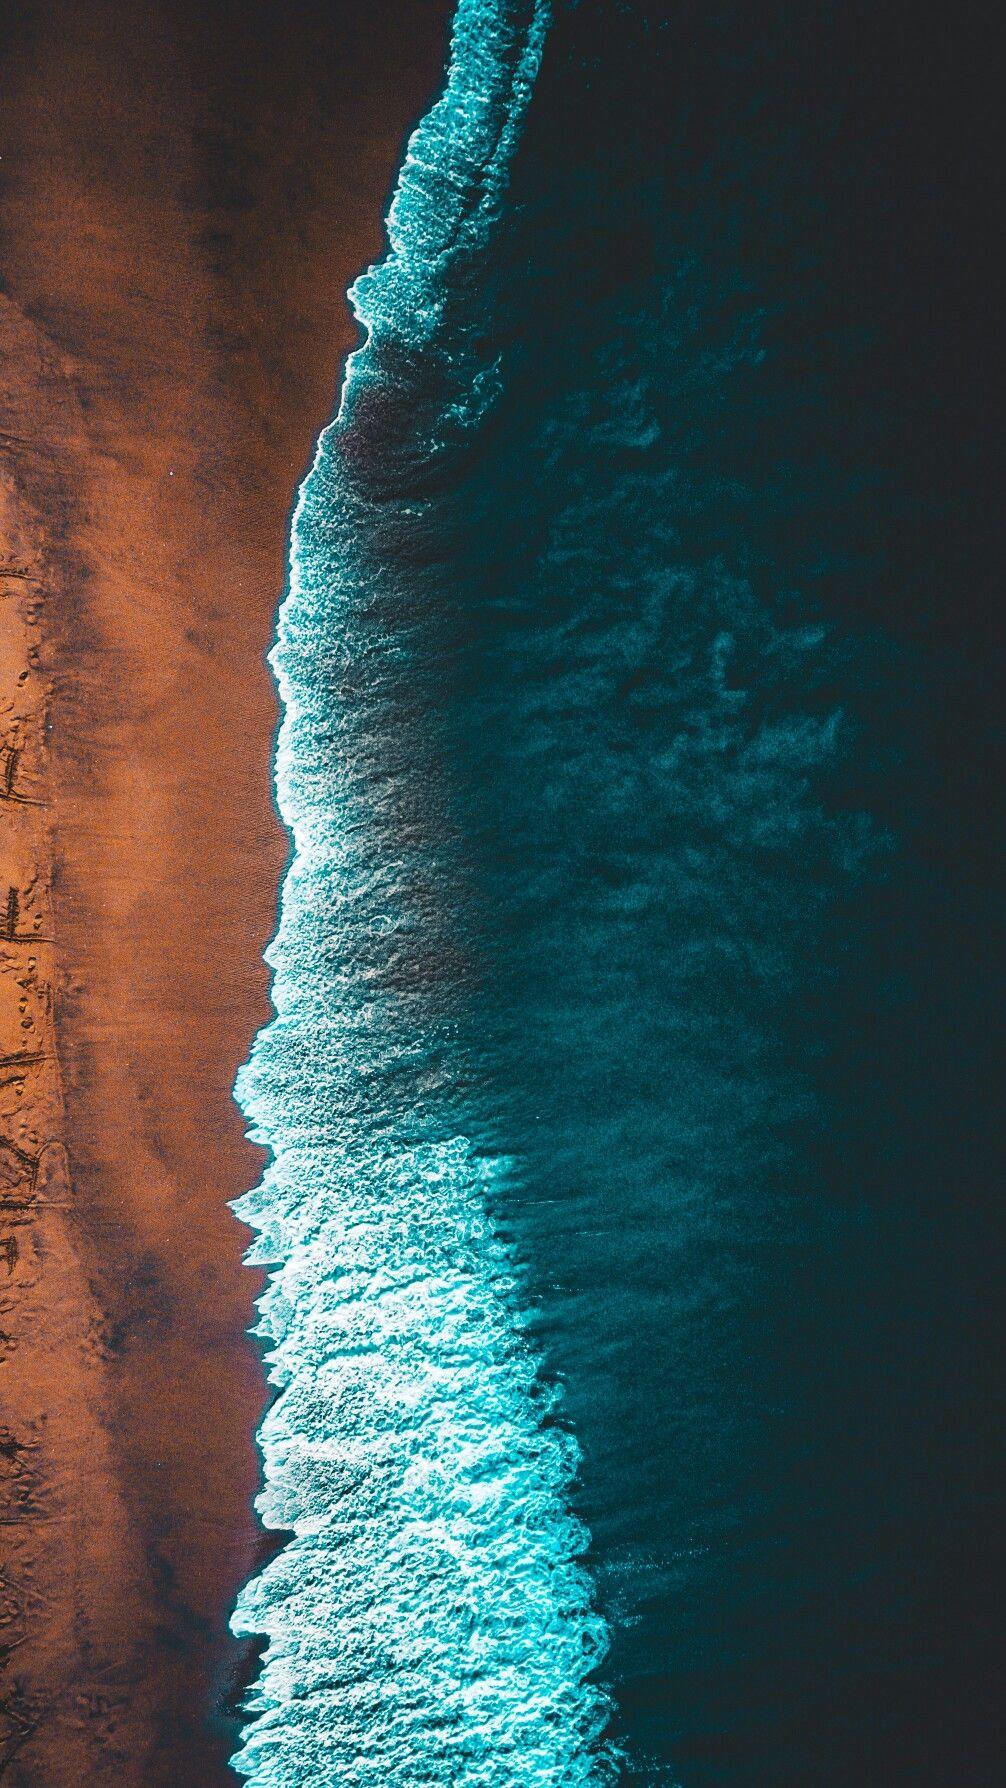 Drone photo | Fotografía aérea | Fondos de pantalla de iphone, Fondos para fotografia y Fondos ...